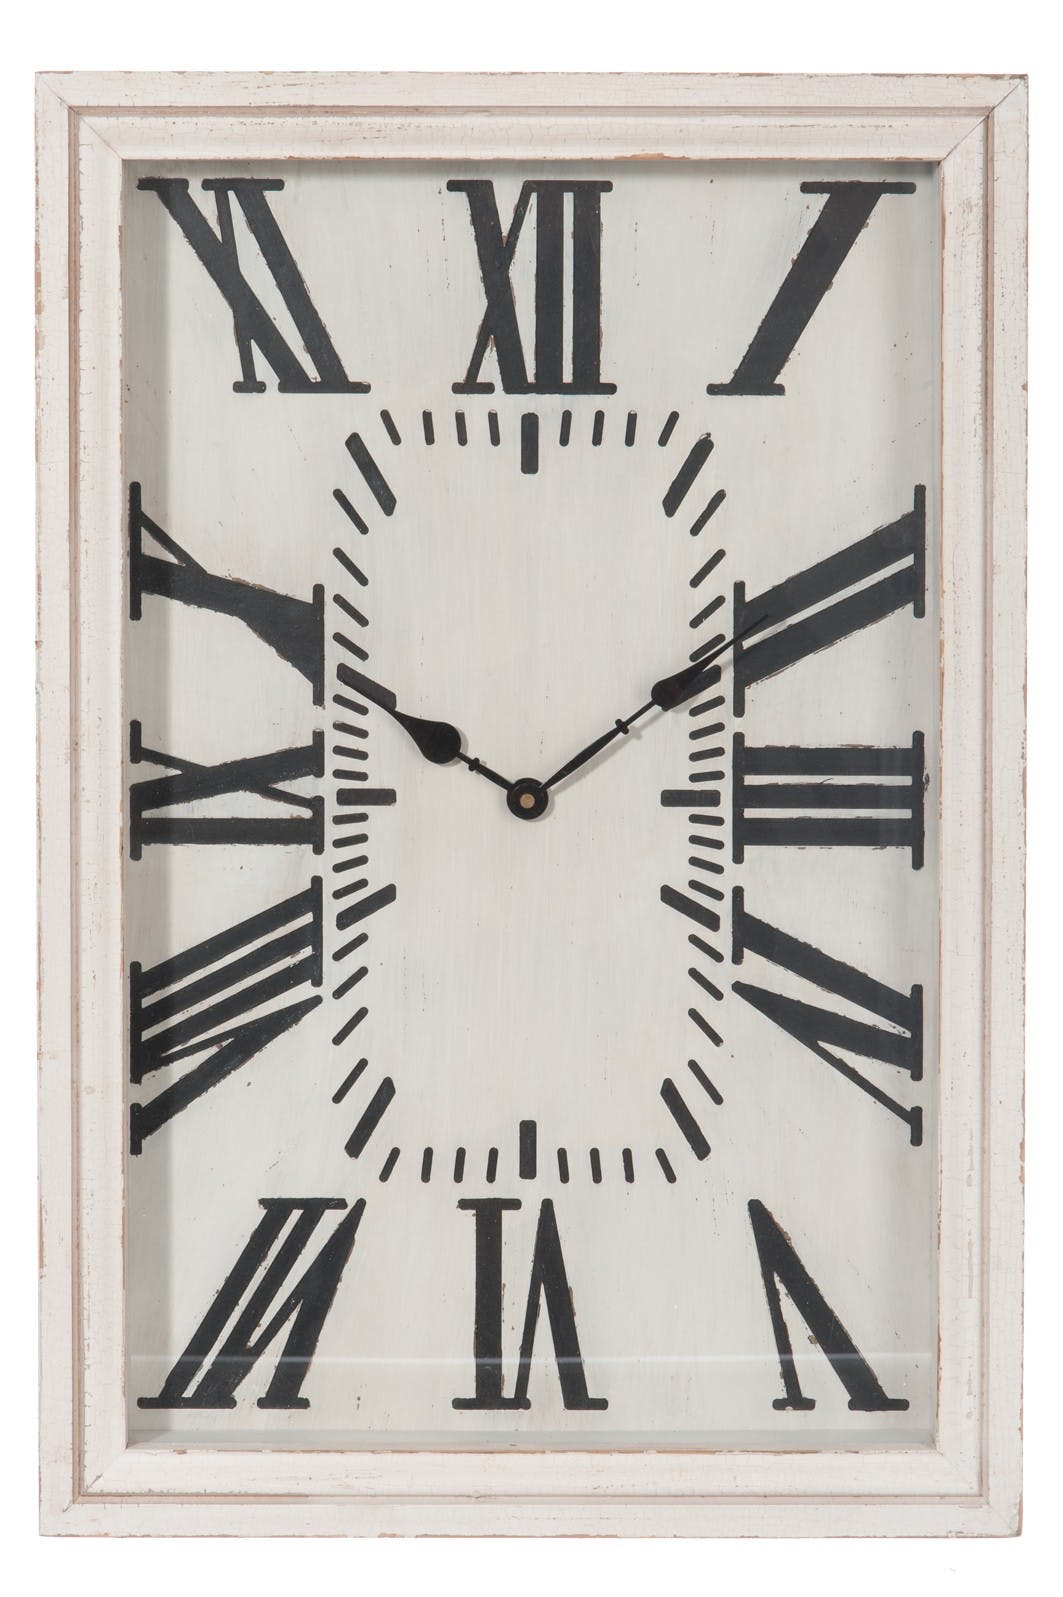 Horloge murale rectangle avec chiffres romains Style Vintage 40,5x8x60cm en bois et verre - Coloris blanc